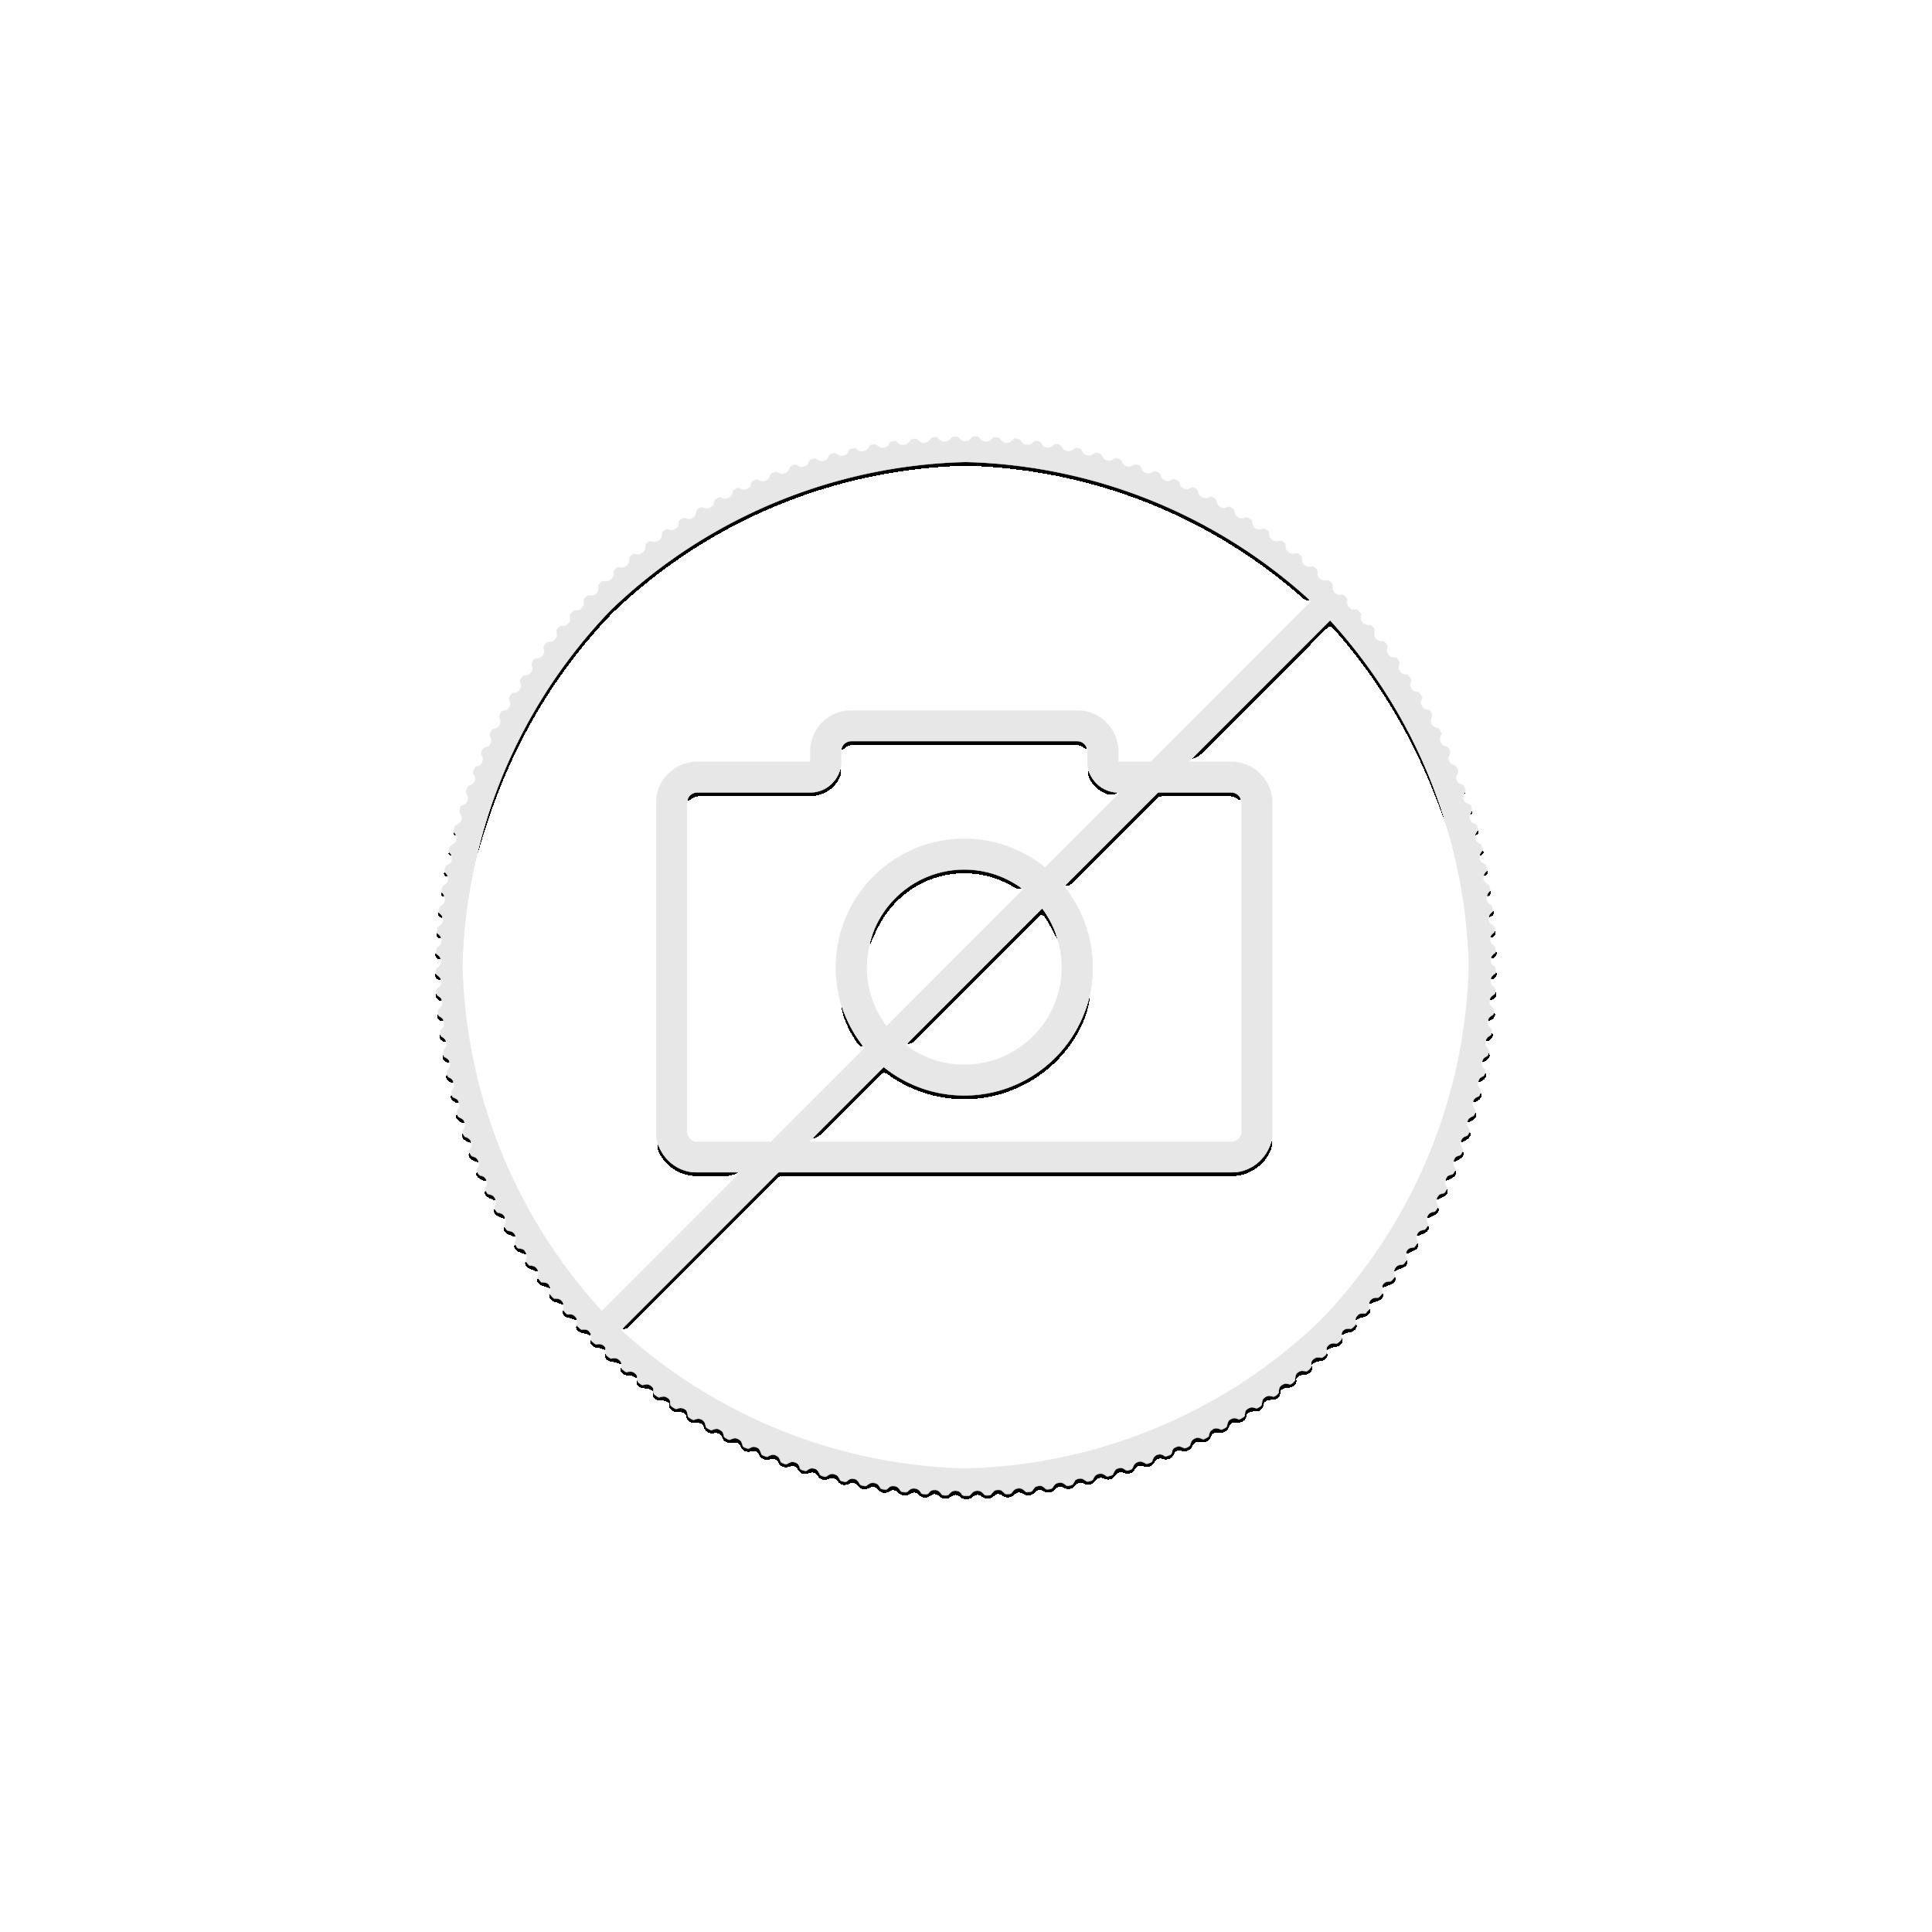 1 troy ounce zilveren kookaburra munt 2021 - achterkant